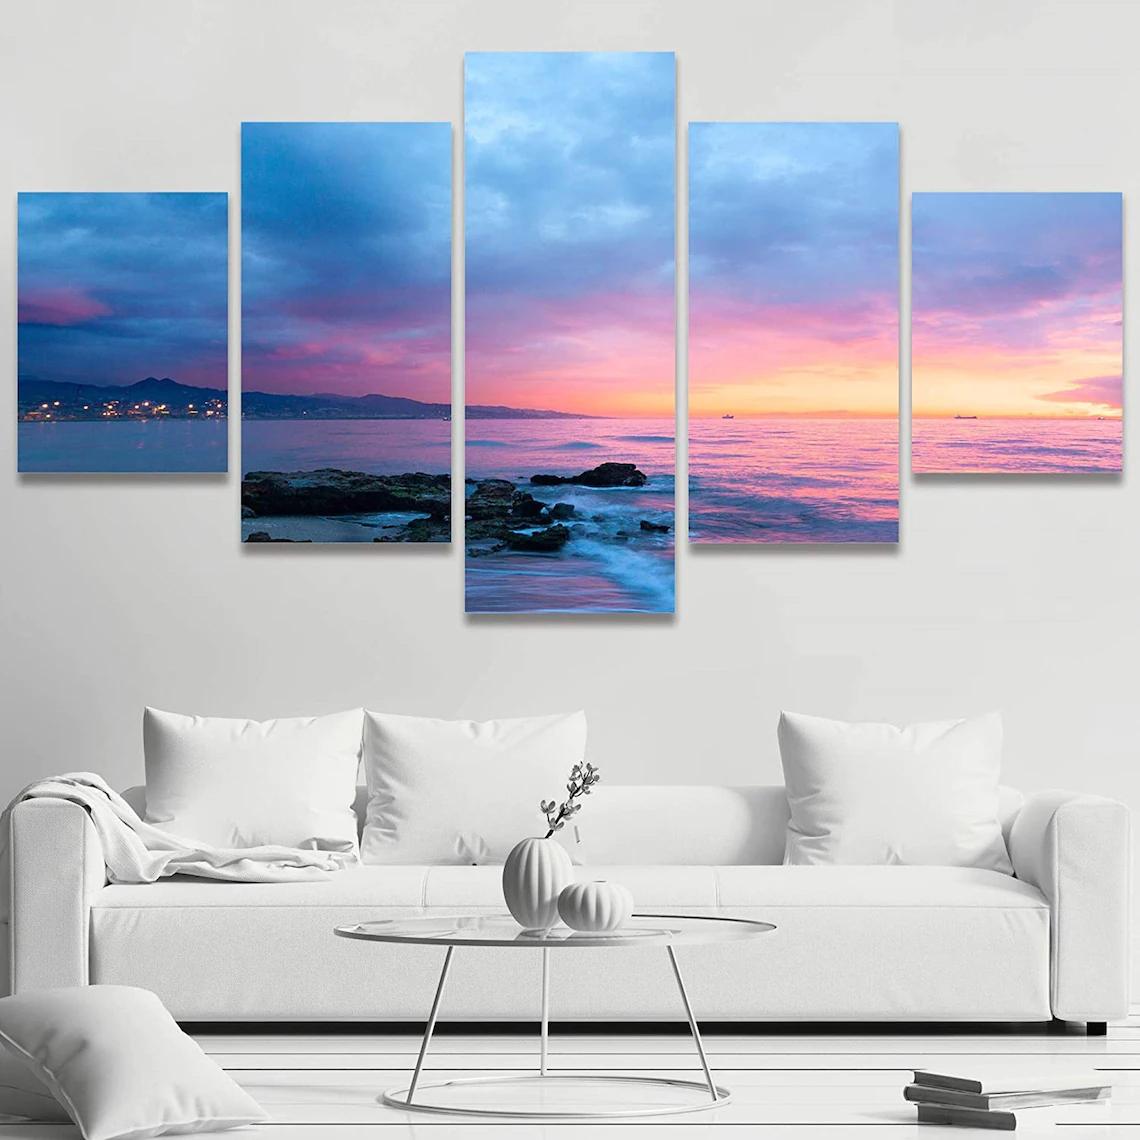 Beach Sunset Wall Art 5 Piece 8